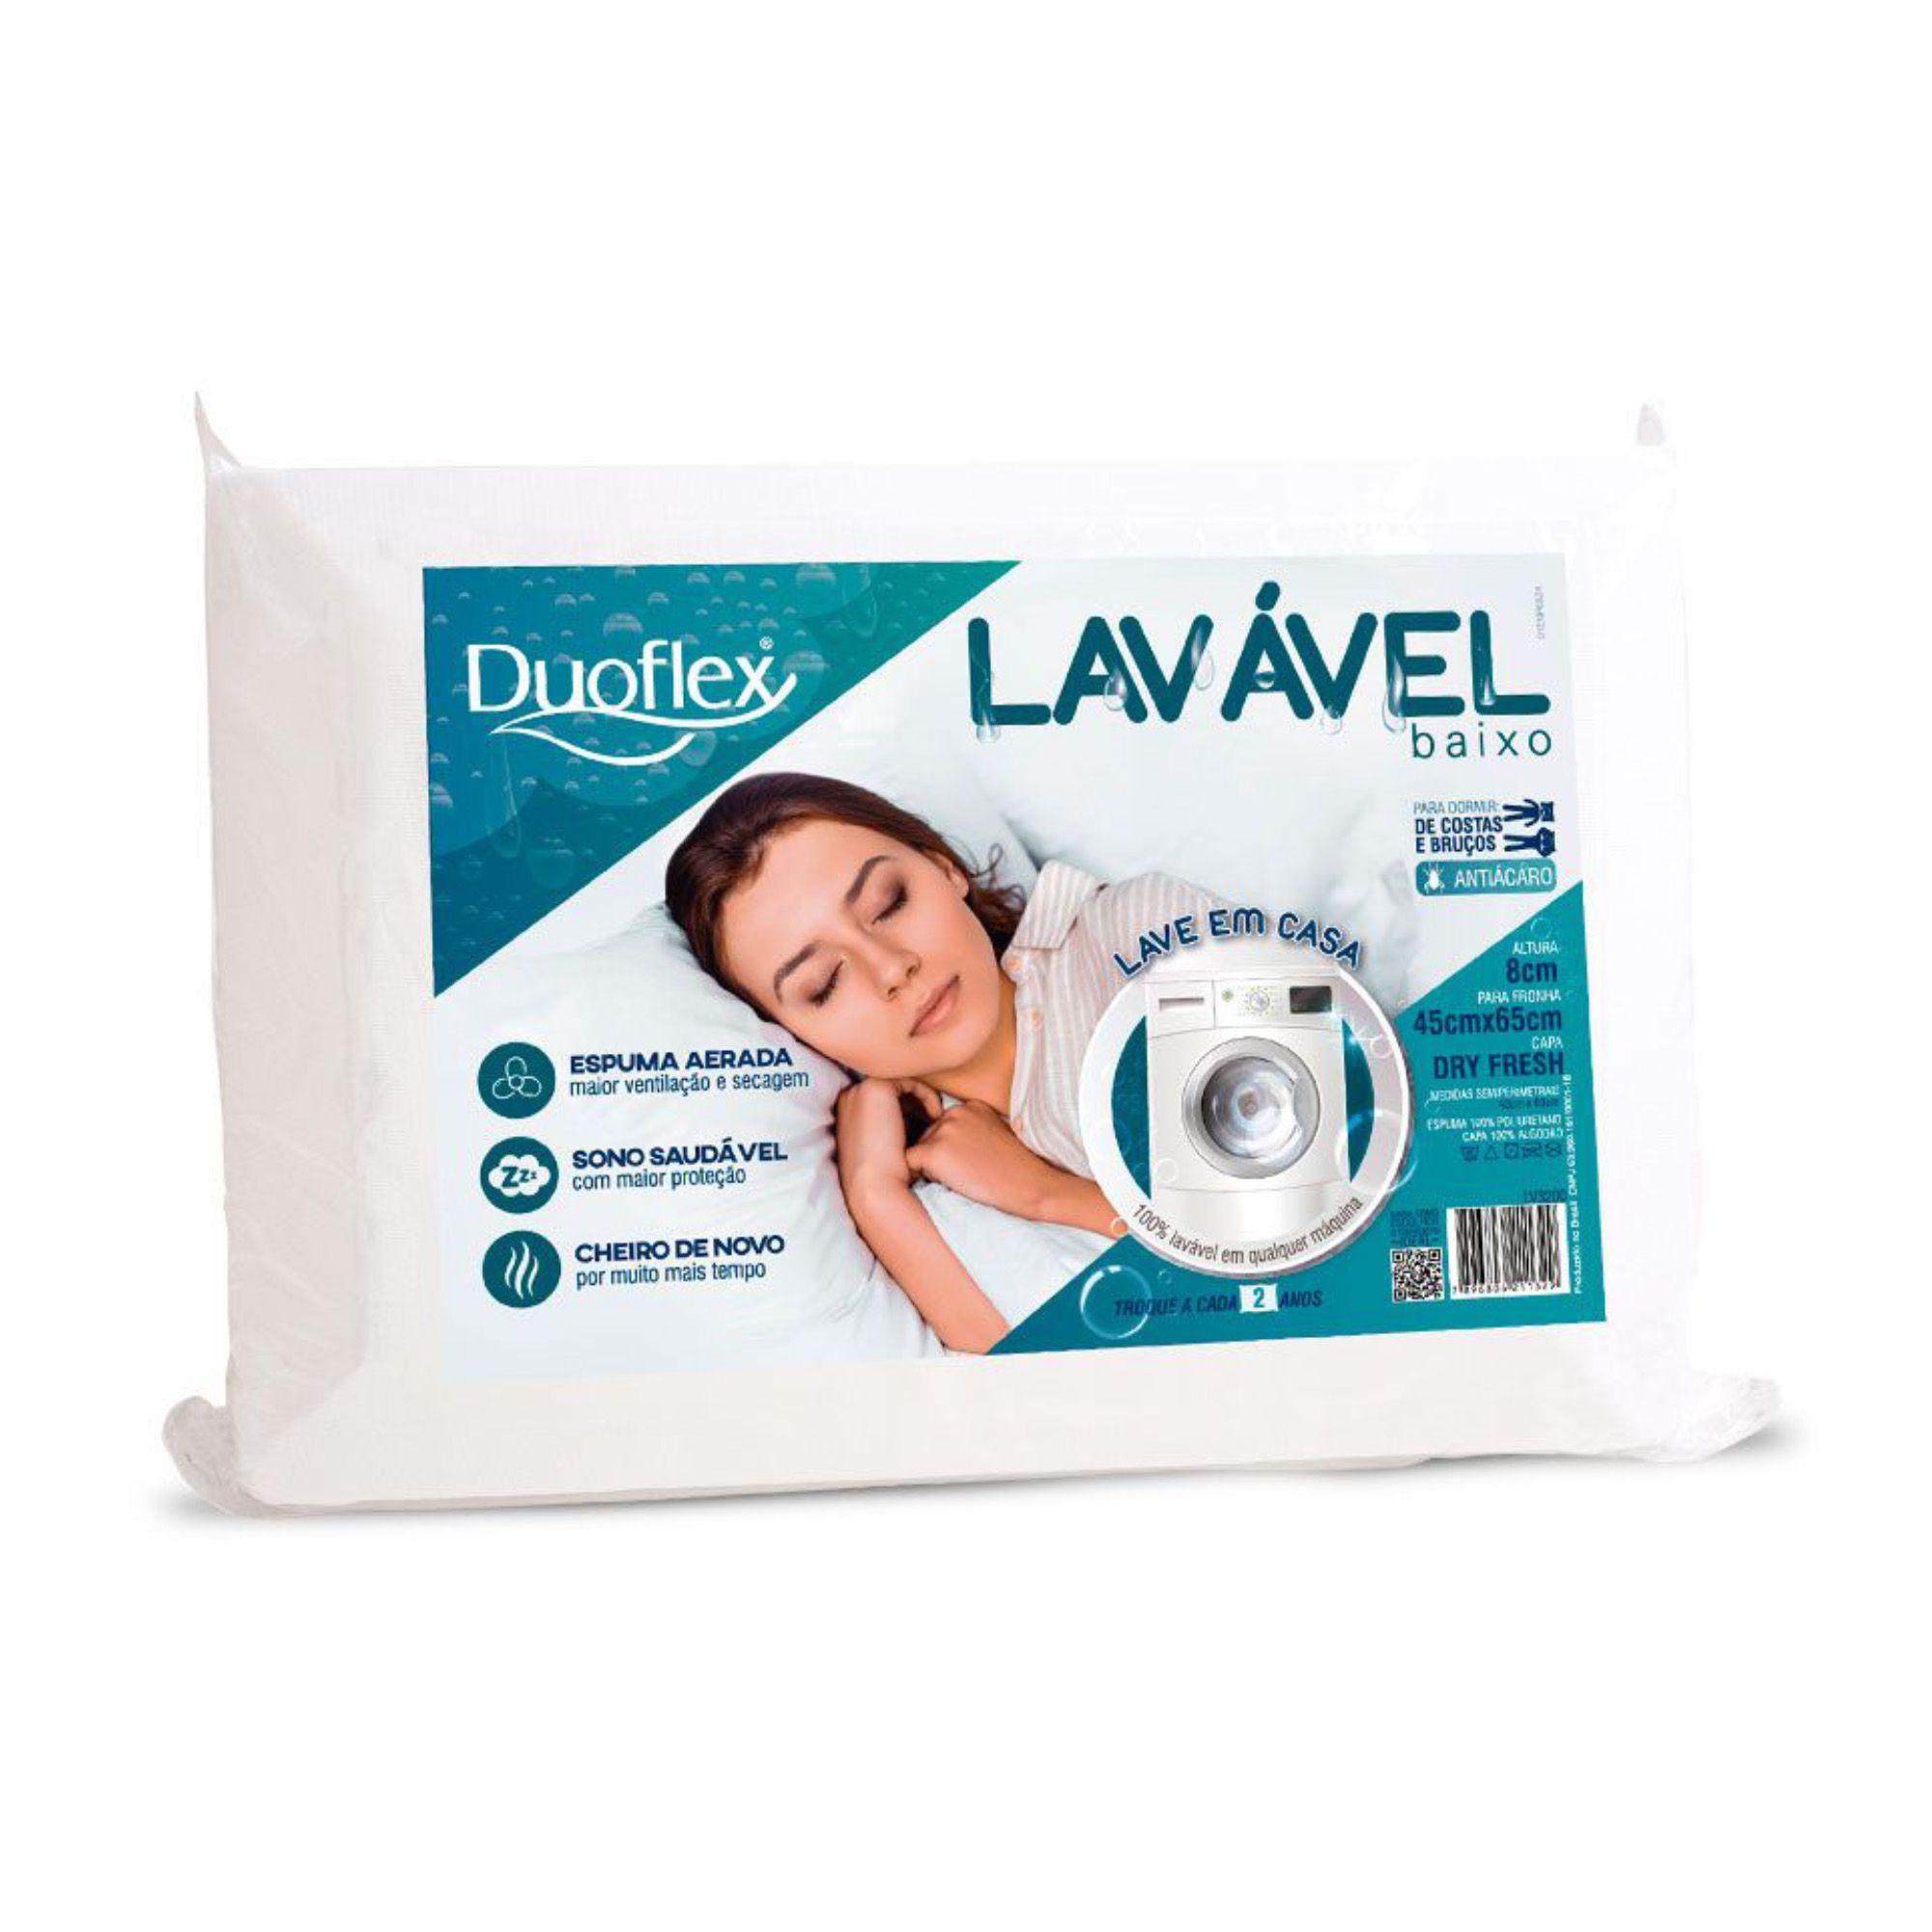 Travesseiro Duoflex Lavável Baixo, Intermediário, 045 x 065 x 008 cm